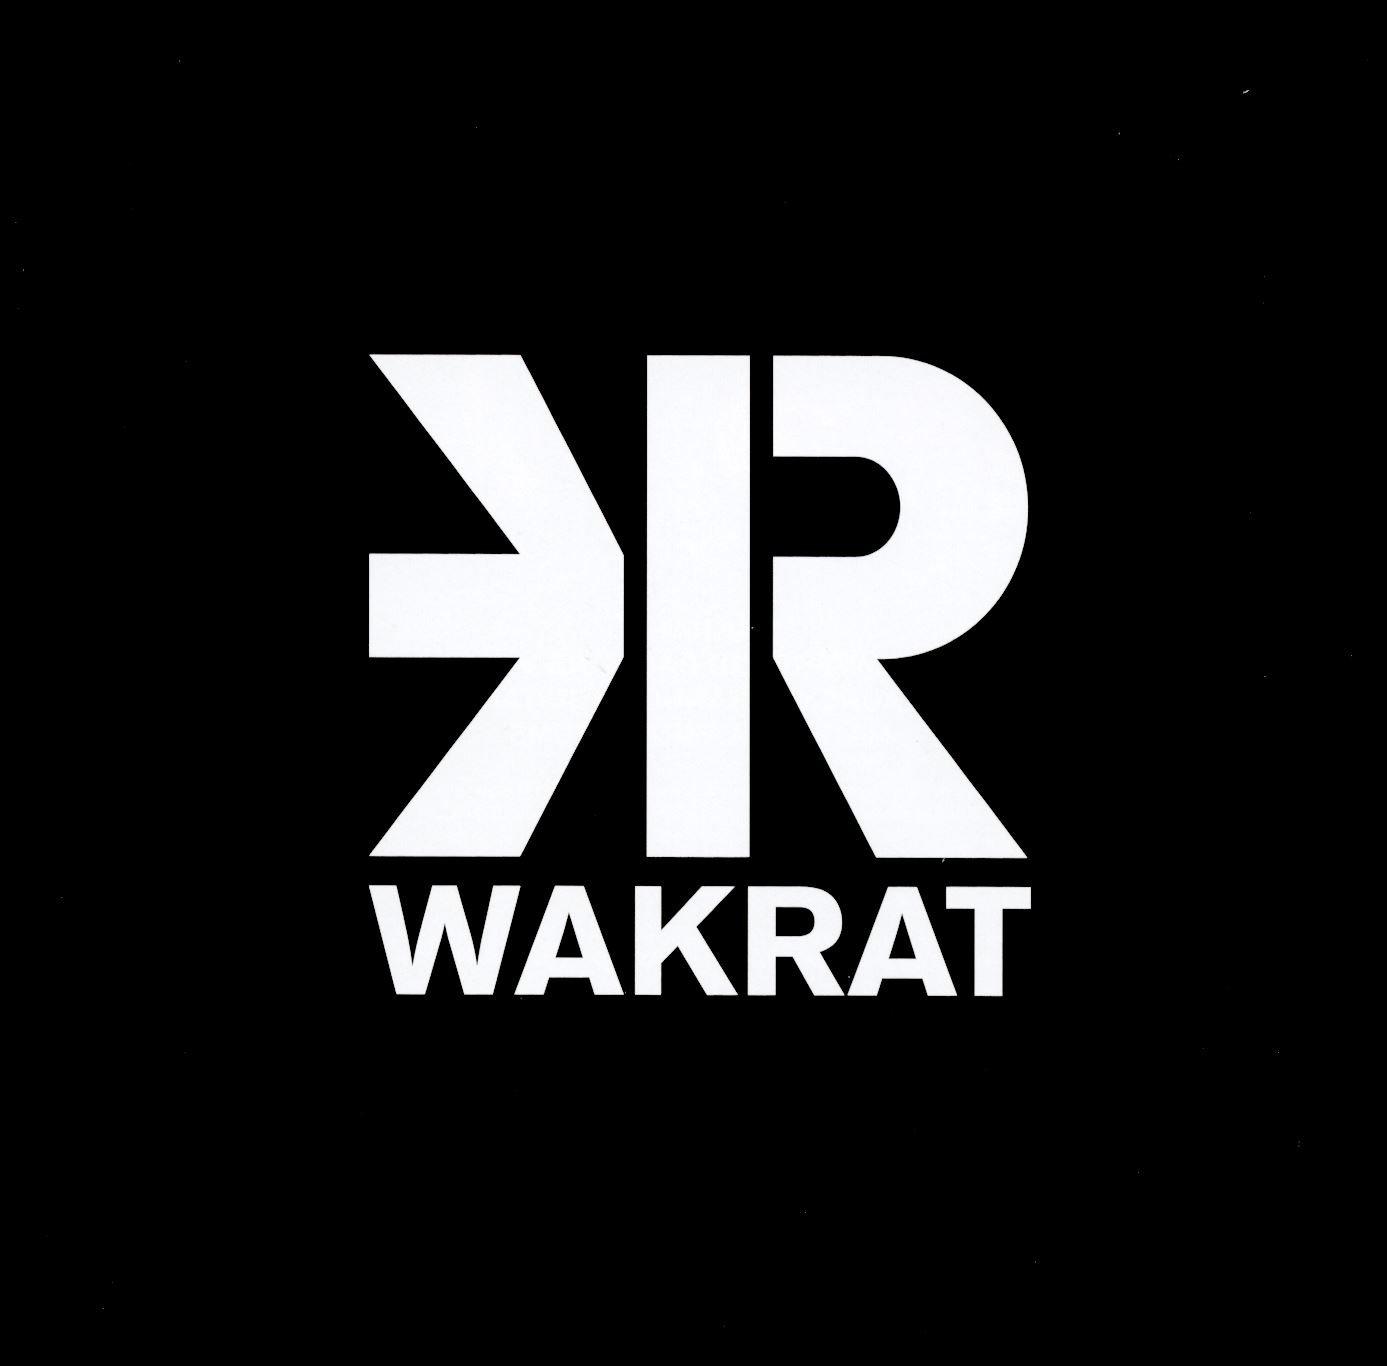 CD : WAKRAT - Wakrat [explicit Content] (CD)